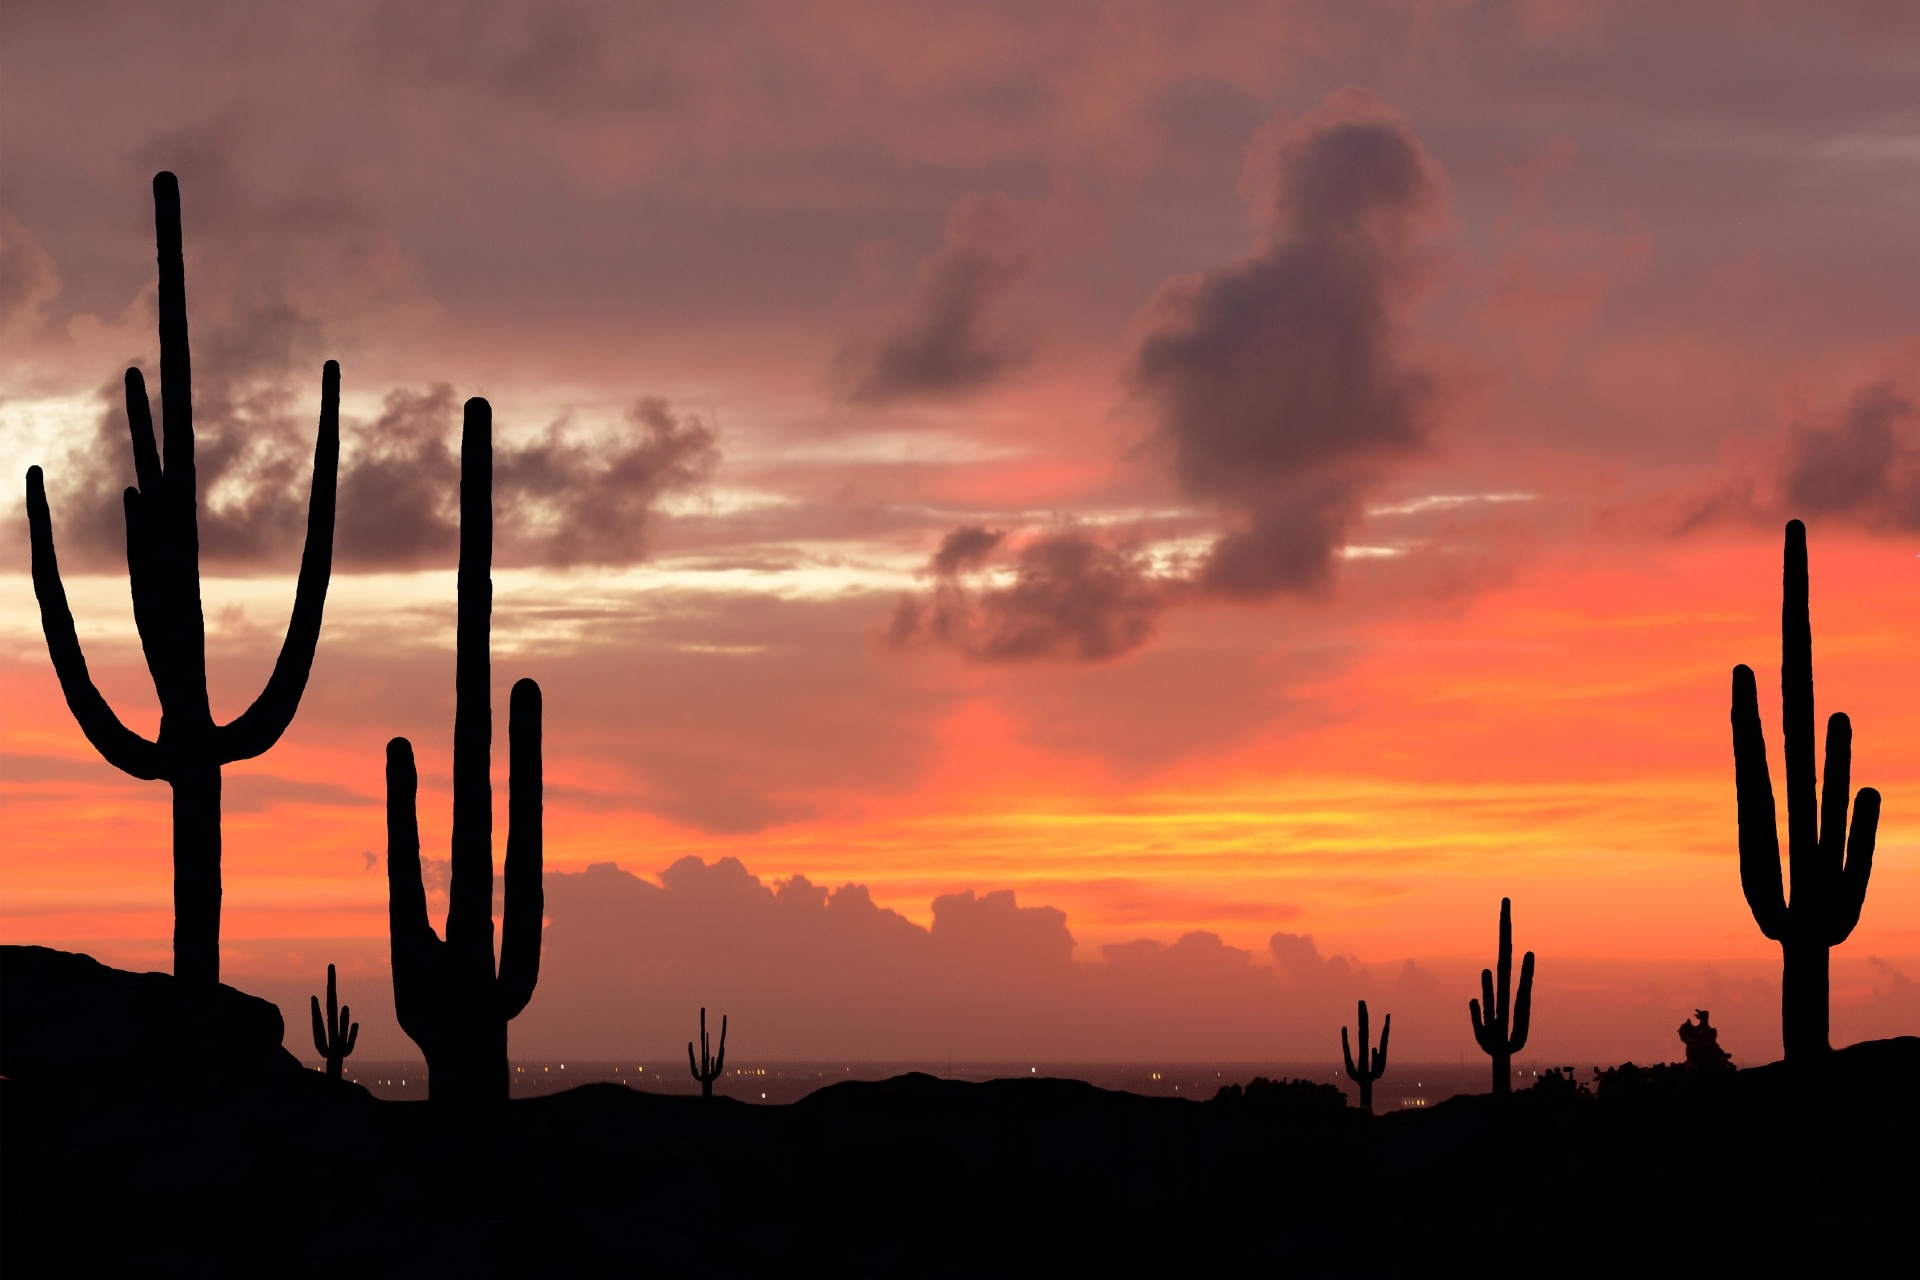 夕暮れのアリゾナ州 サワ ロサボテンのシルエット アメリカの風景